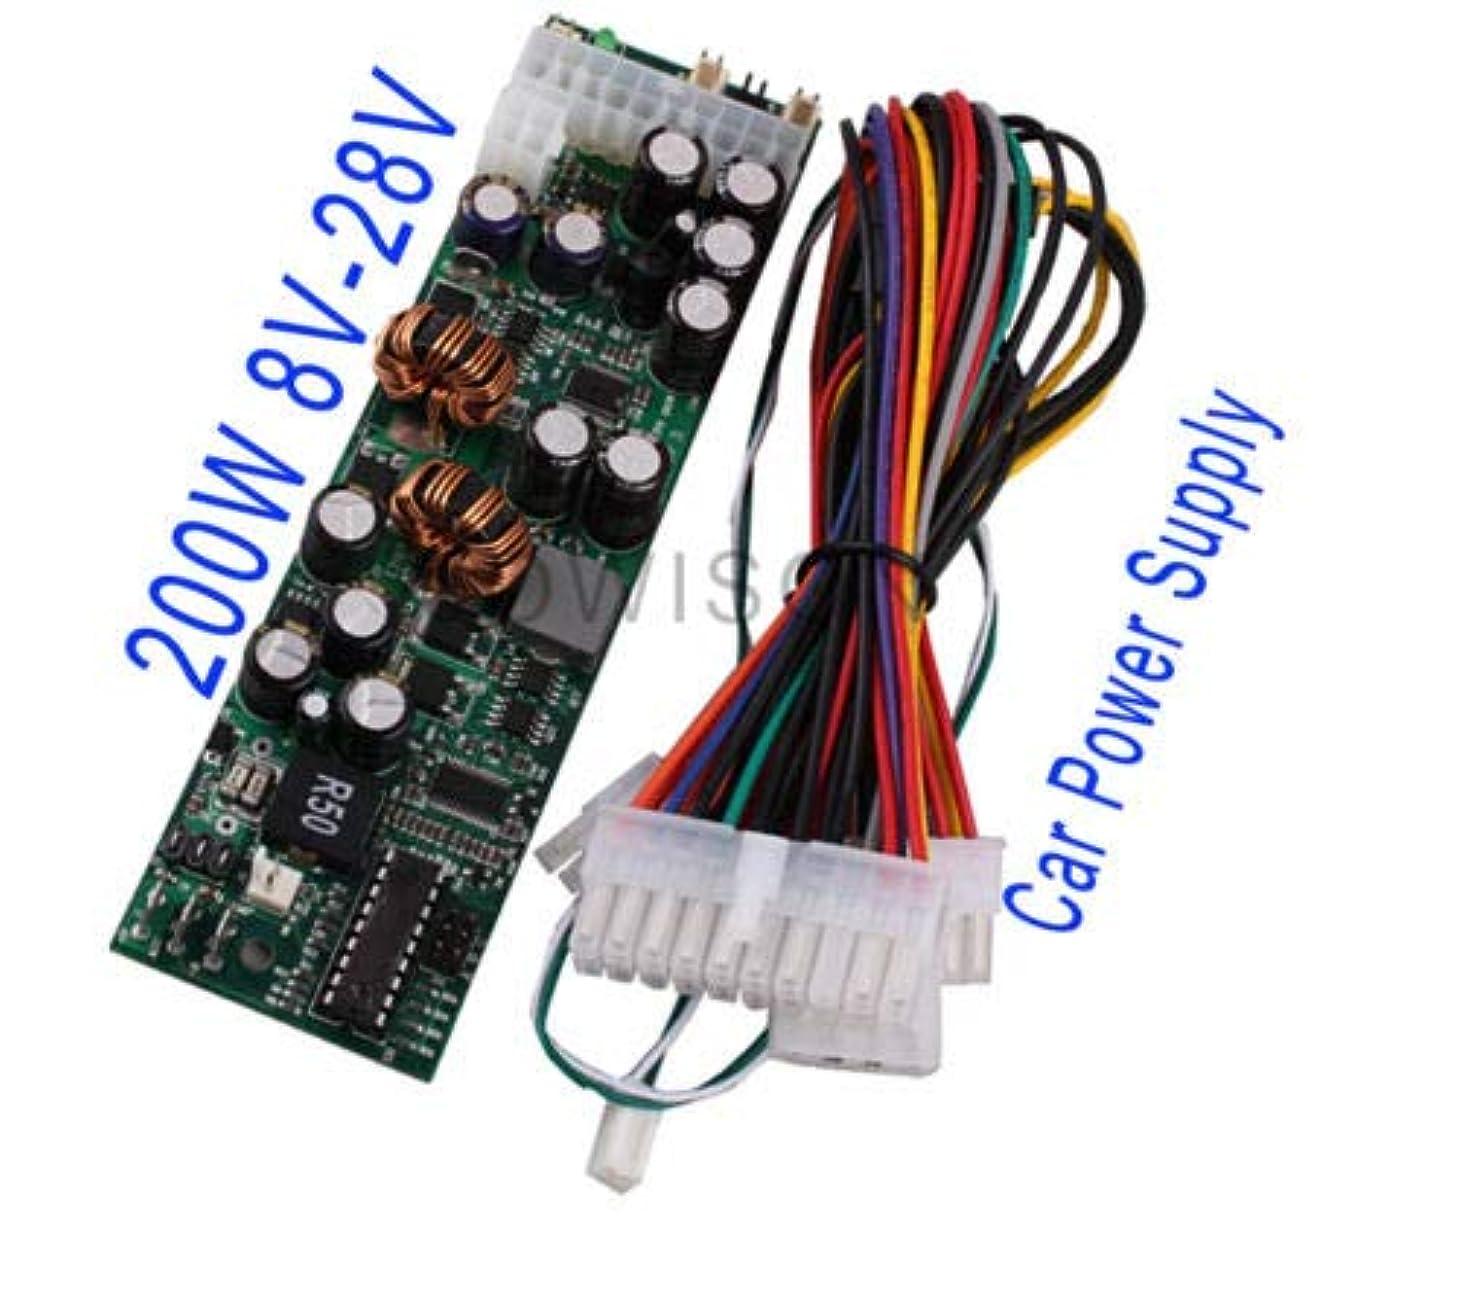 レールもろいブレースFidgetGear 200W 8V-28V Mini-ITX M2 Car PC DC-DC ATX PSU ITPS Power Vehicle ATX Power Supply